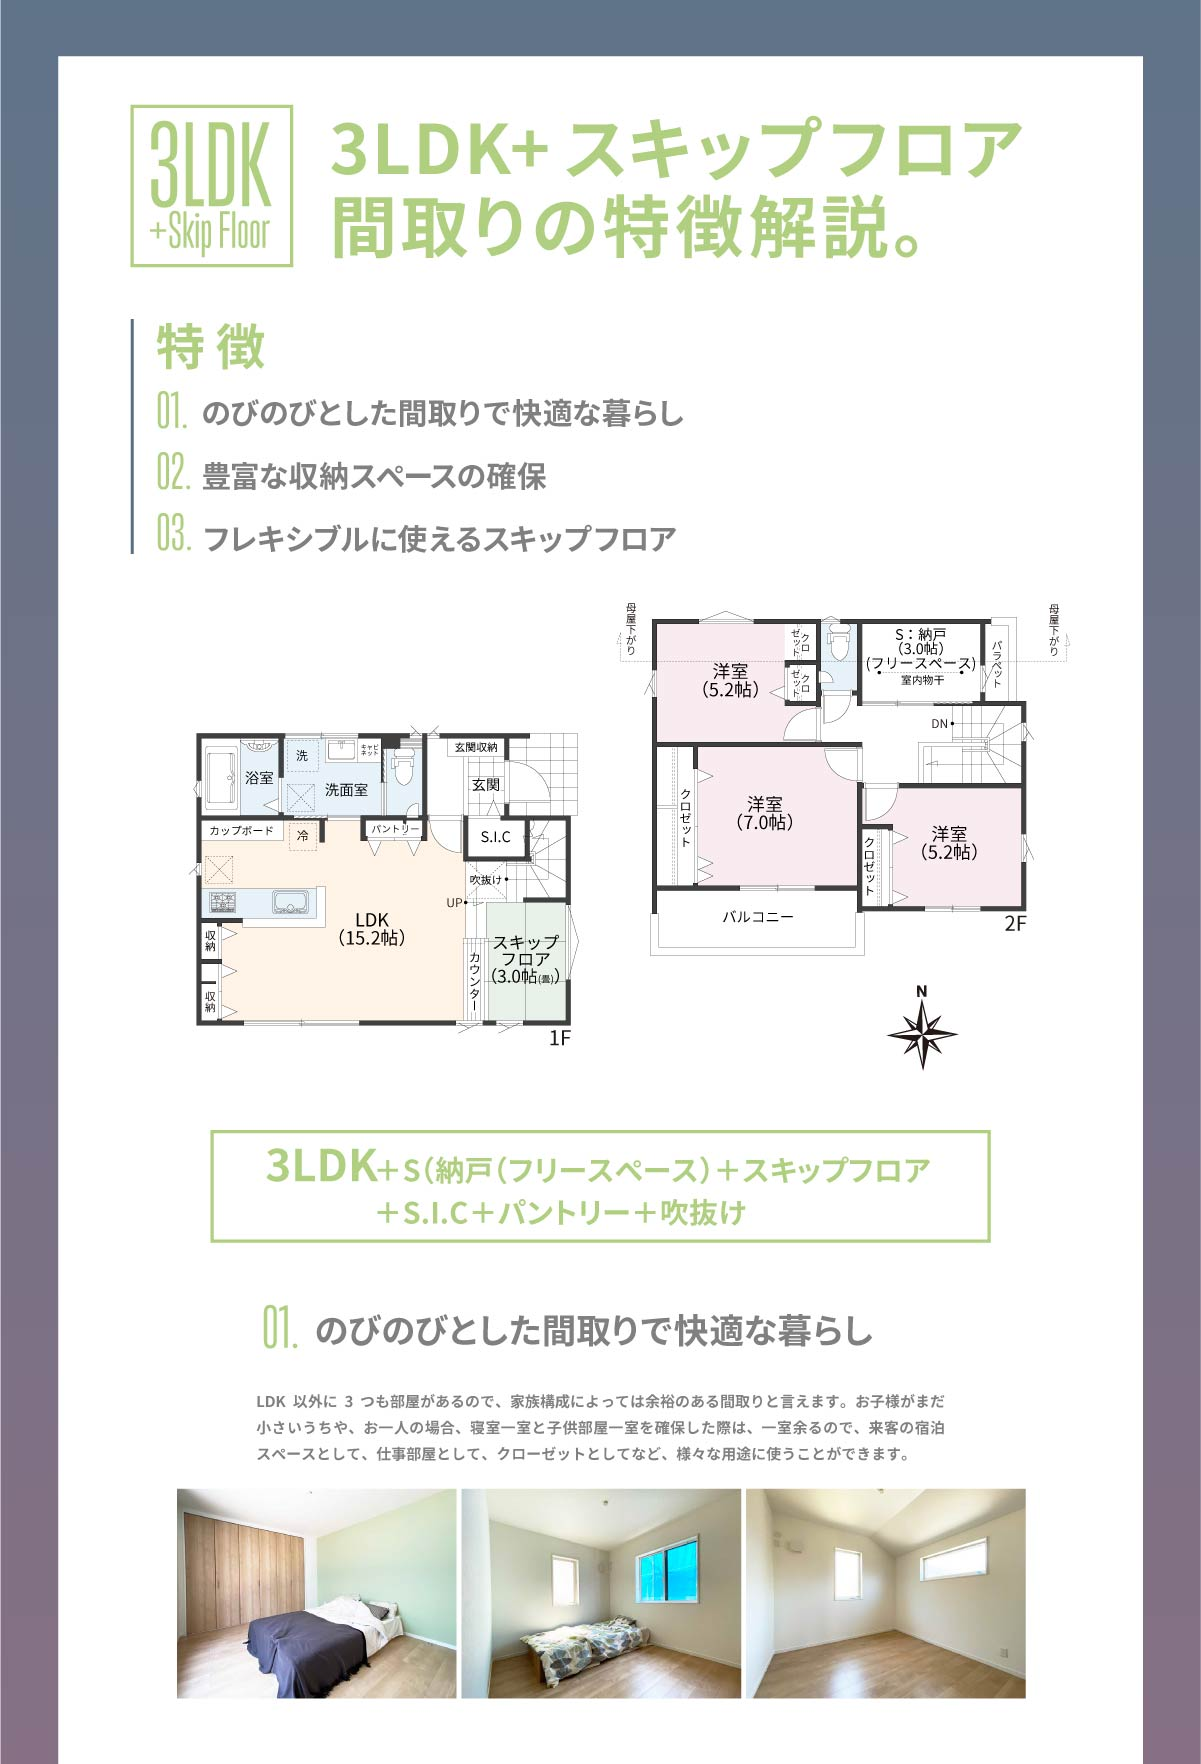 美都住販 街かど モデルハウス 3LDK+スキップフロア間取りの特徴解説。 特徴 01.のびのびとした間取りで快適な暮らし 02.豊富な収納スペースの確保 03.フレキシブルに使えるスキップフロア 3LDK+S(納戸(フリースペース)+スキップフロア+S.I.C+パントリー+吹抜け LDK以外に3つも部屋があるので、家族構成によっては余裕のある間取りと言えます。お子様がまだ小さいうちや、お一人の場合、寝室一室と子供部屋一室を確保した際は、一室余るので、来客の宿泊スペースとして、仕事部屋として、クローゼットとしてなど、様々な用途に使うことができます。